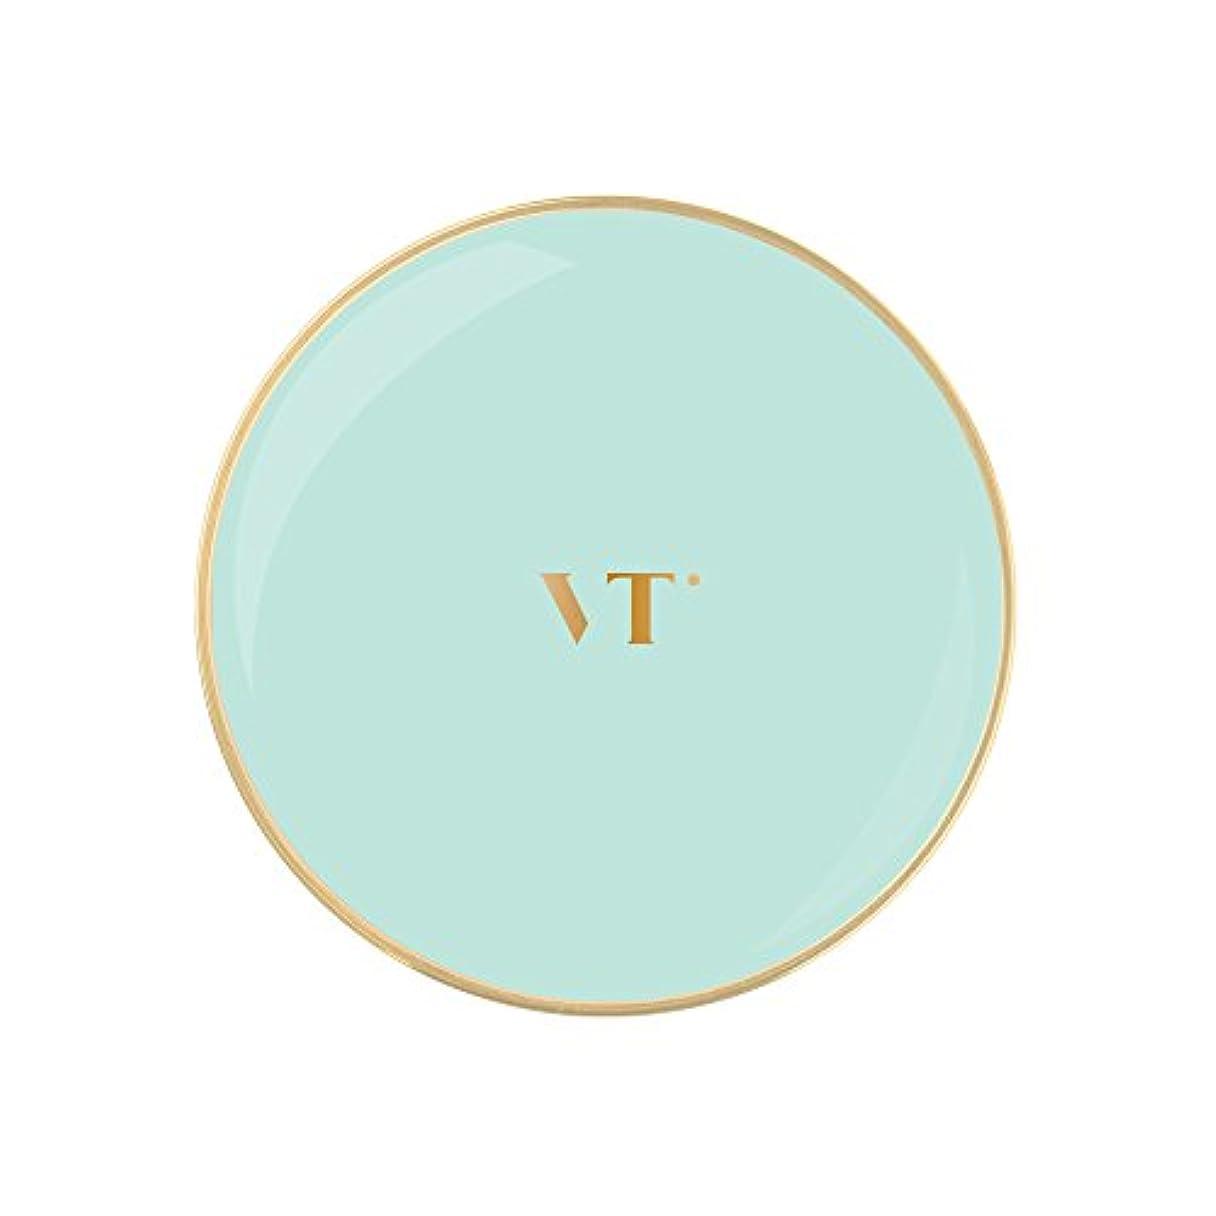 黙認するカレンダー散文VT Blue Collagen Pact 11g/ブイティー ブルー コラーゲン パクト 11g (#23) [並行輸入品]